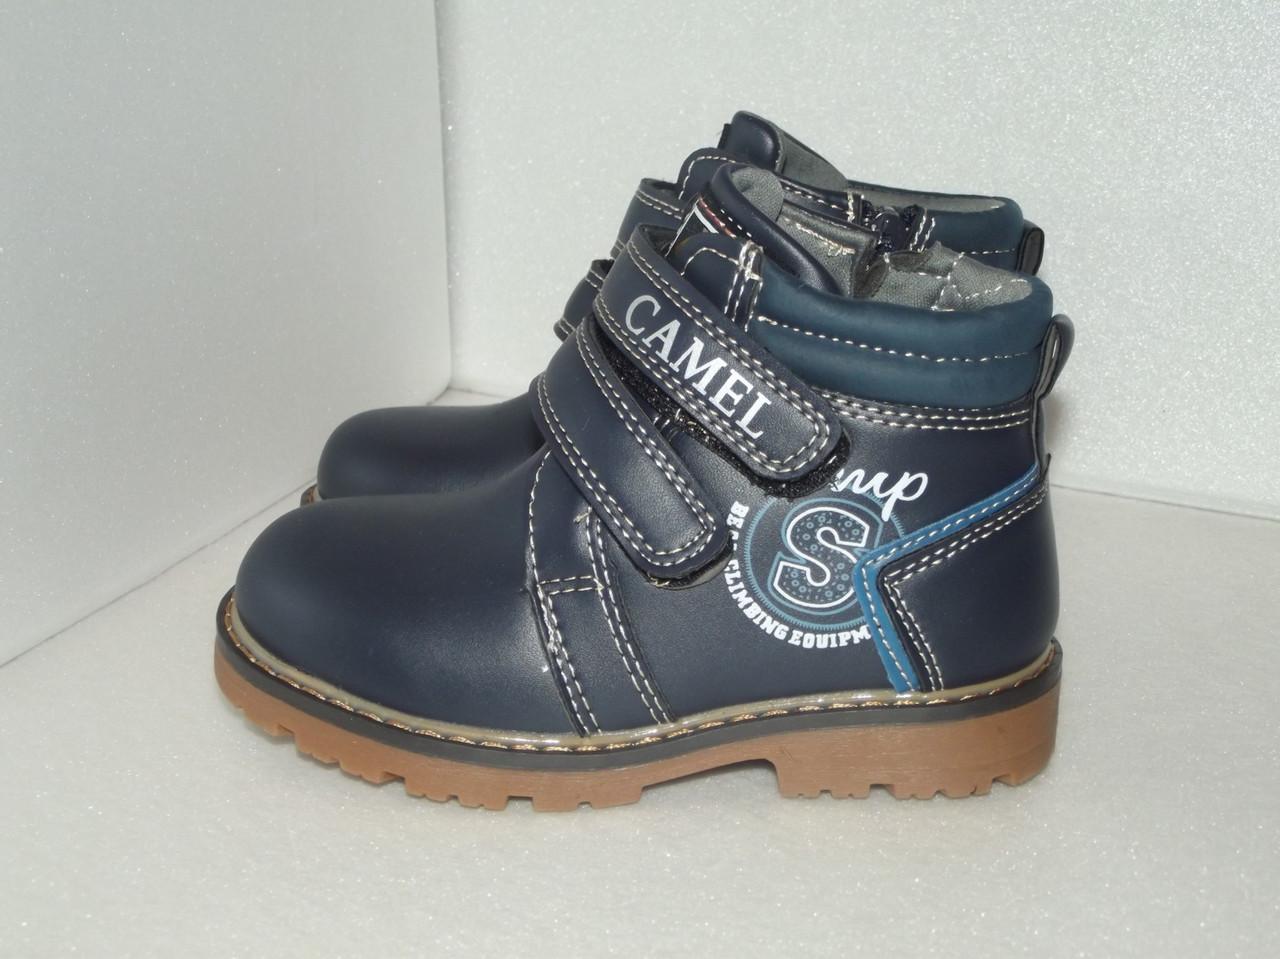 Демисезонные ботинки для мальчика, р. 29(18.5см)